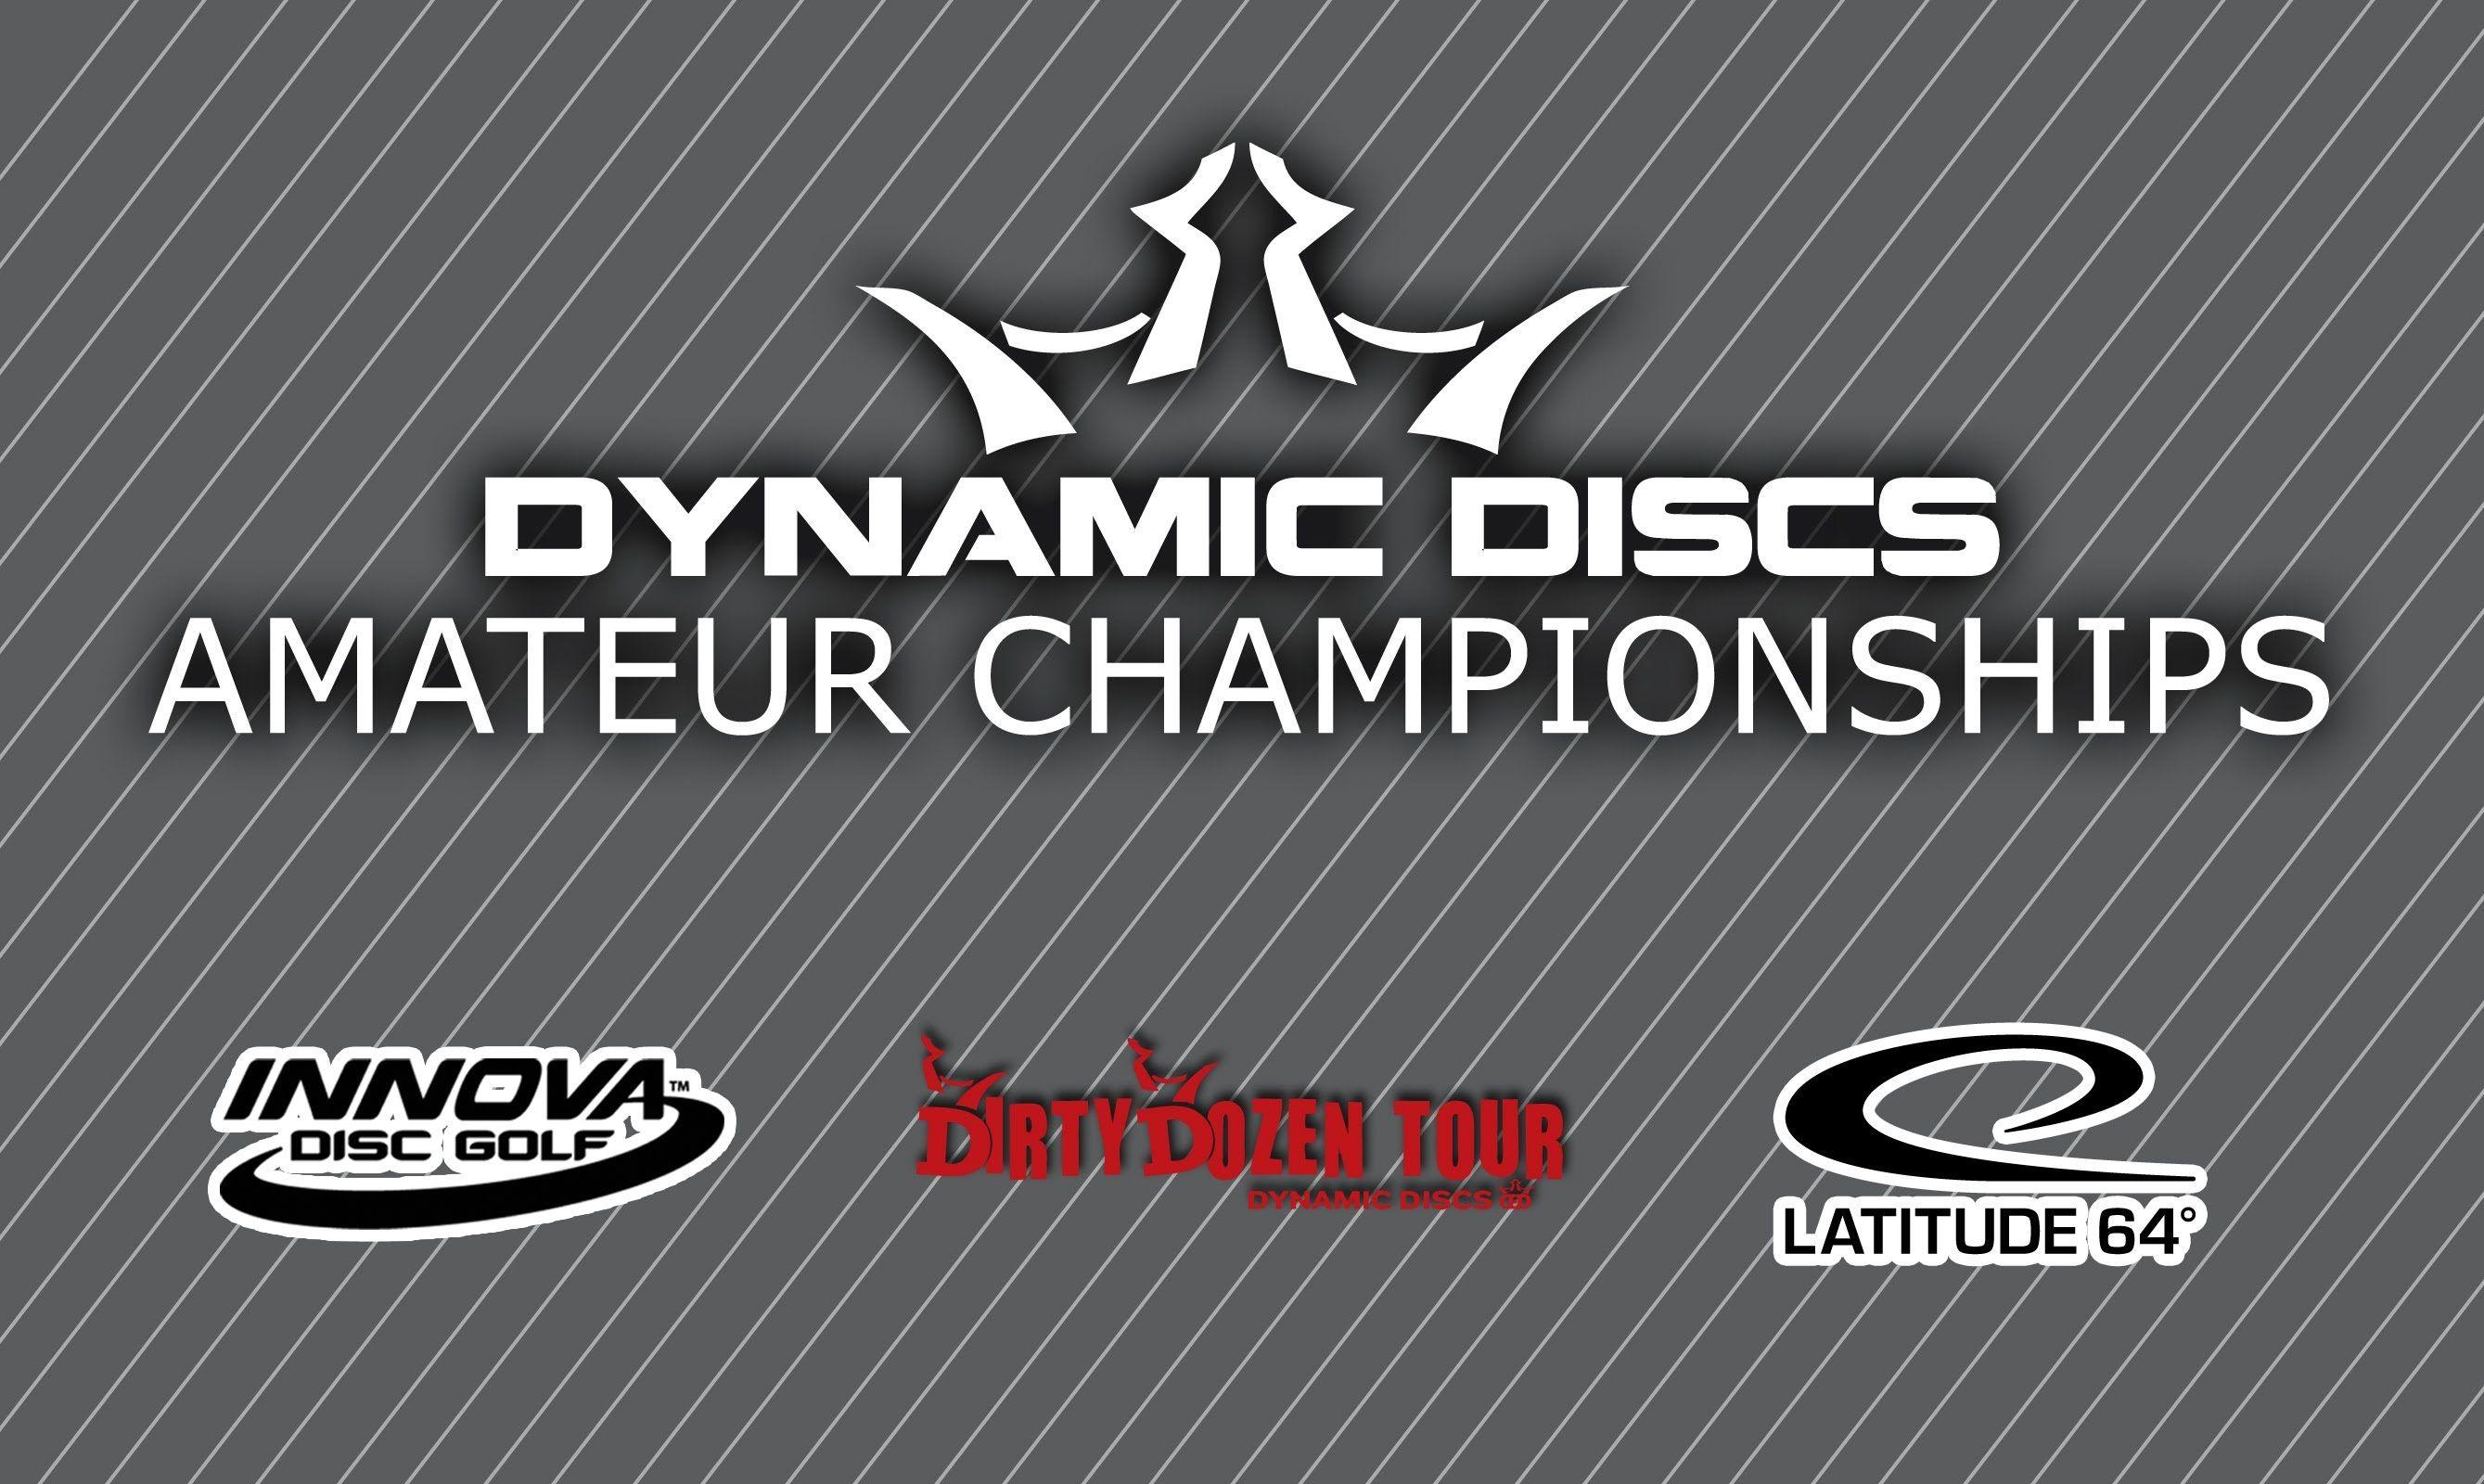 2013 Dynamic Discs Amateur Championships | Disc Golf Tournament